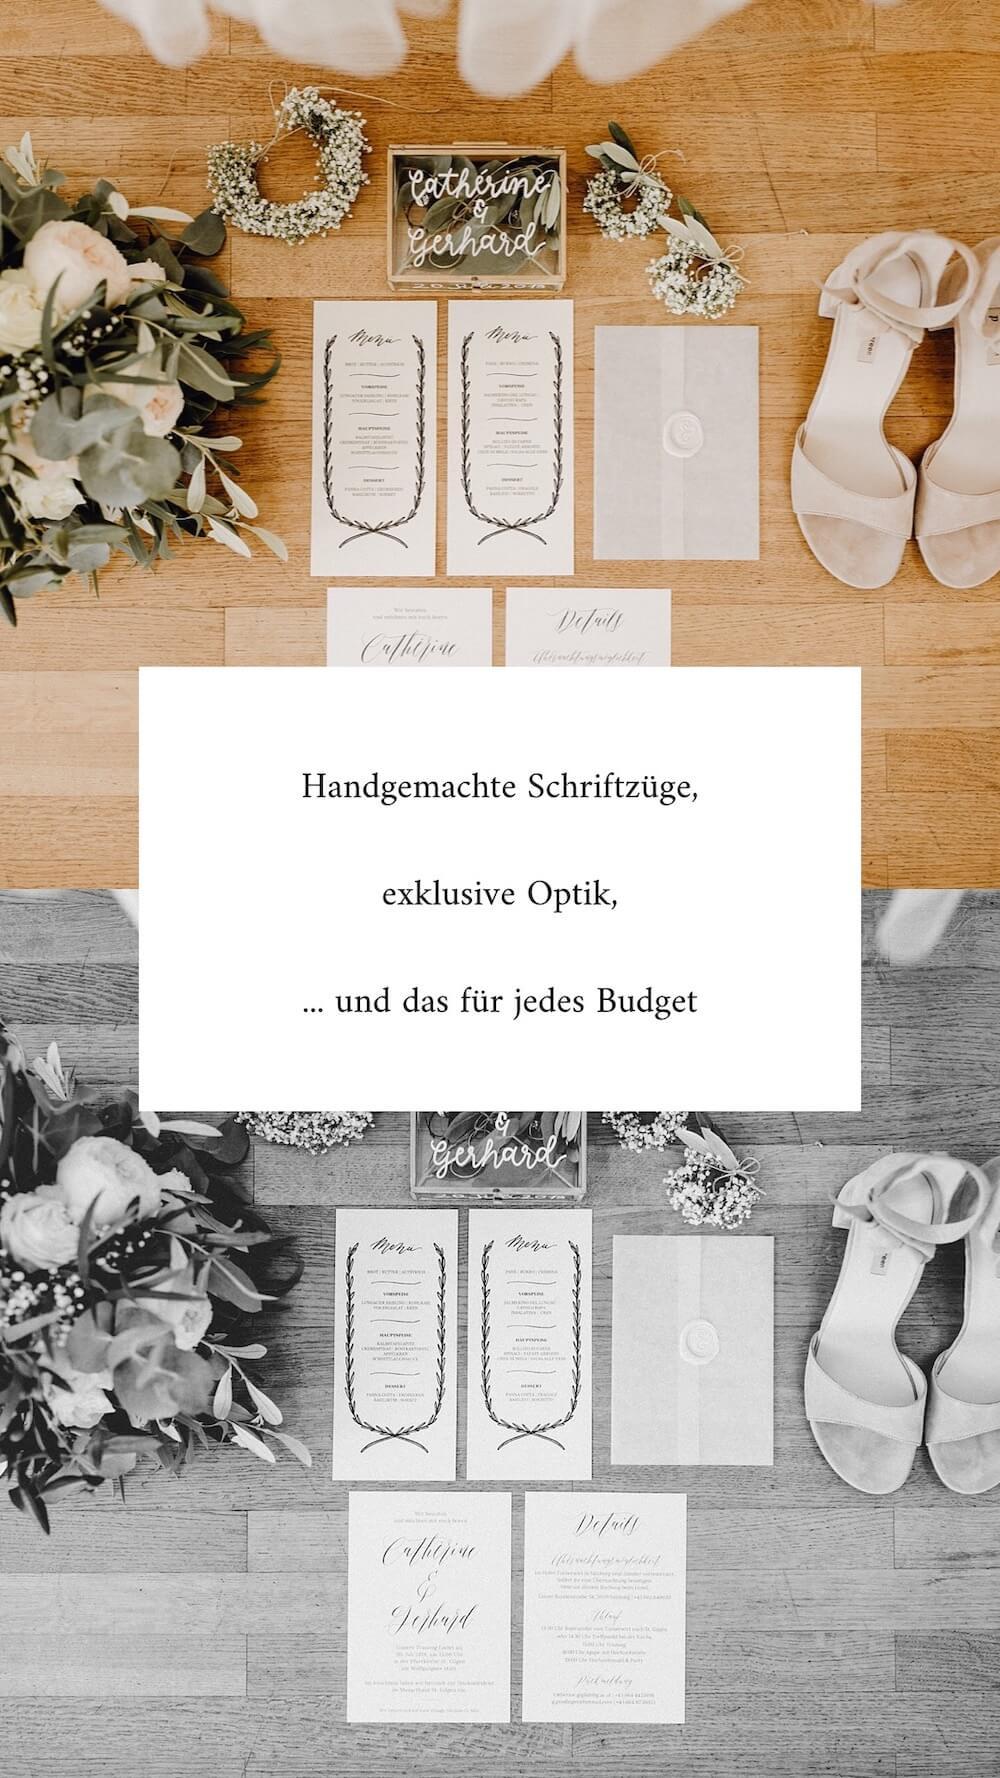 Gastgeschenk Hochzeit Hochzeitseinladungen Text Einladung DIY diy Blumen günstig Sprüche basteln Vintage Kalligrafie Kalligraphie Hand Lettering drucken selber machen selber gestalten sparen Set download